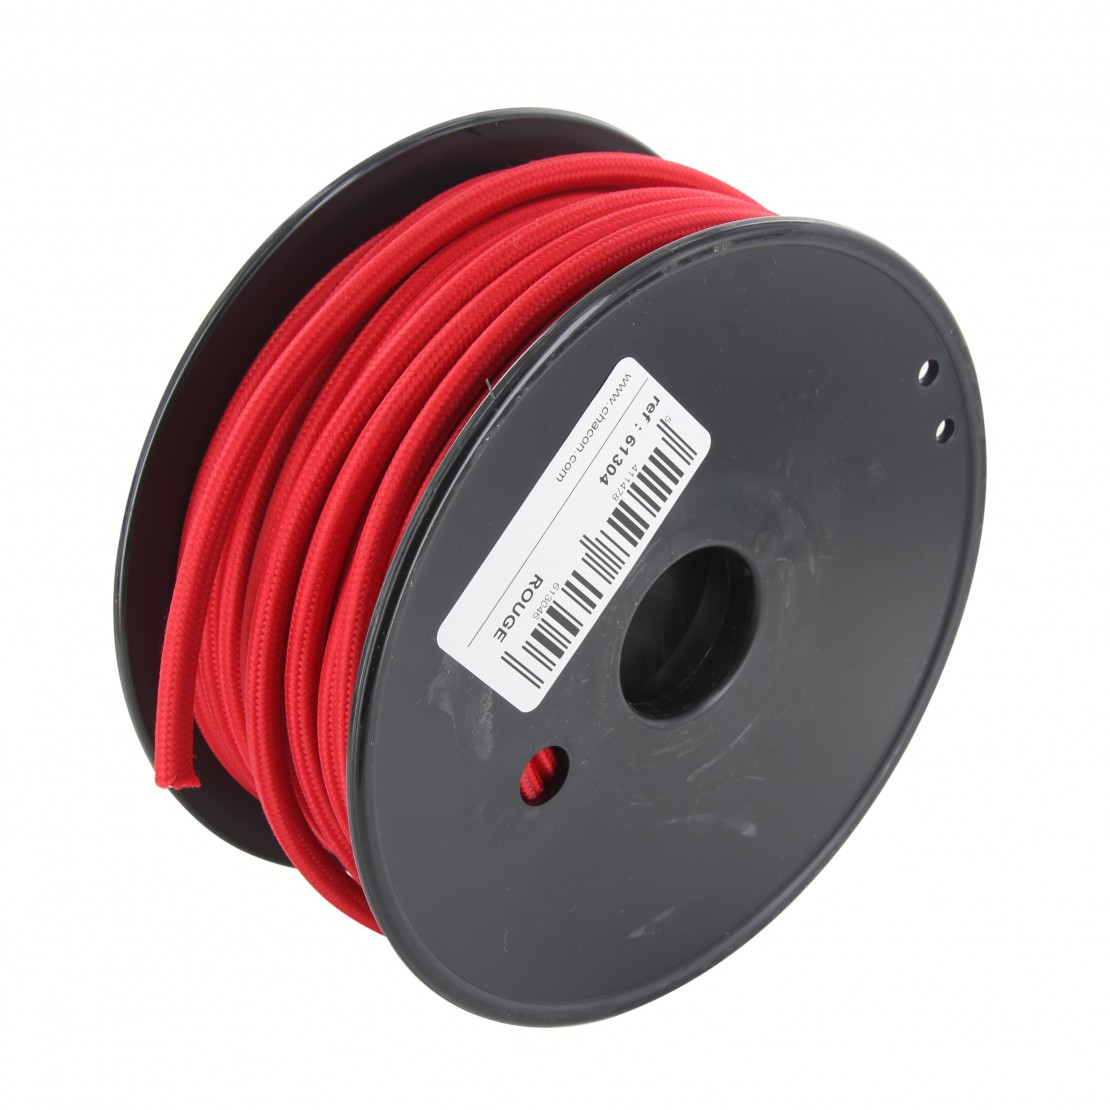 Bobina de cabo têxtil vermelho 20m